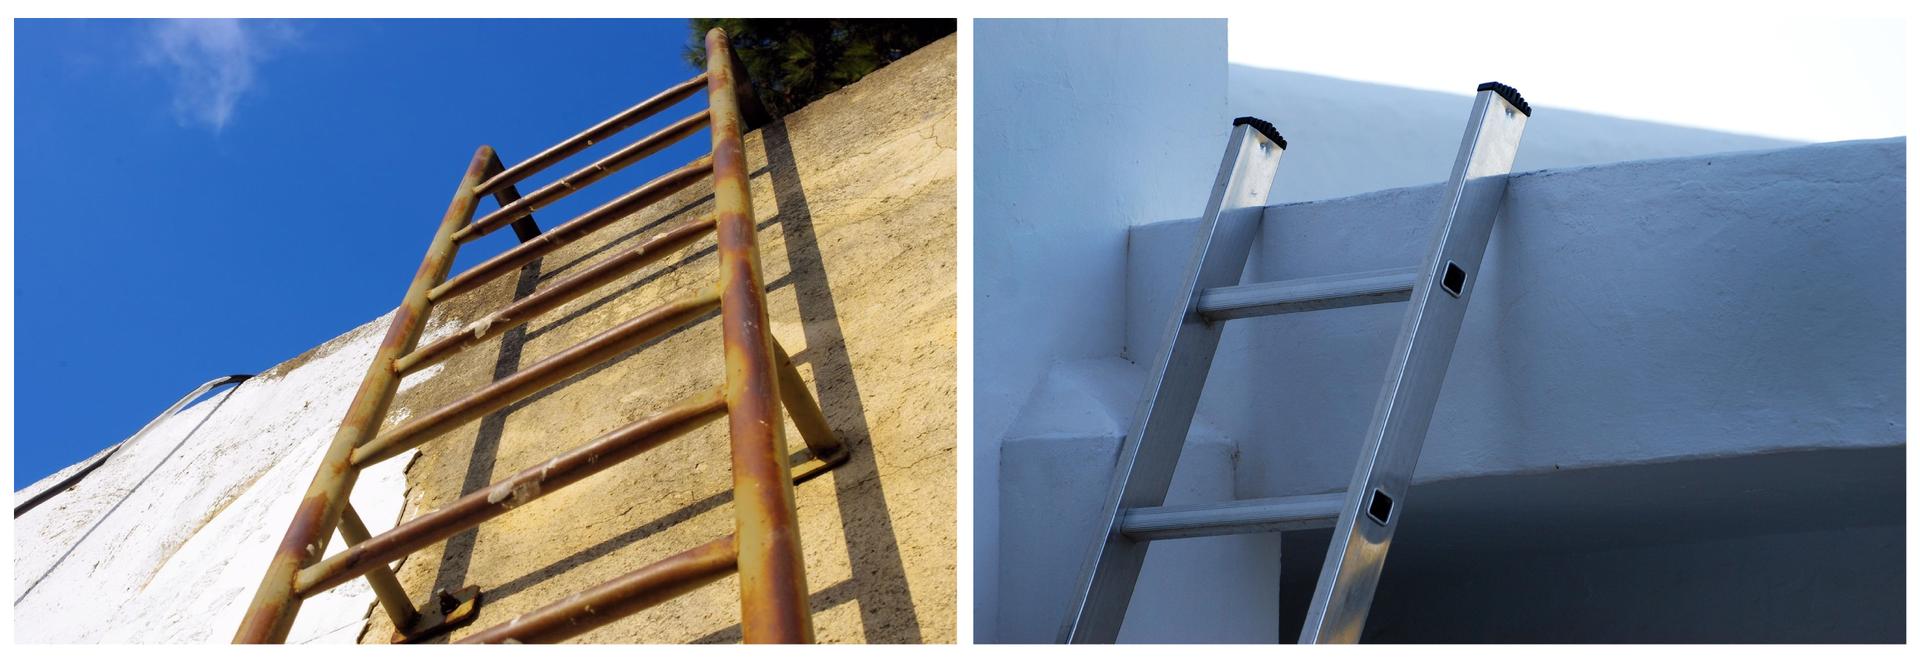 Na ilustracji znajdują się dwa ułożone obok siebie zdjęcia przedstawiające drabiny. Lewe przedstawia zardzewiałą drabinę żelazną przytwierdzoną na stałe do fasady budynku, natomiast prawe błyszczącą igładką drabinę aluminiową opartą omur.